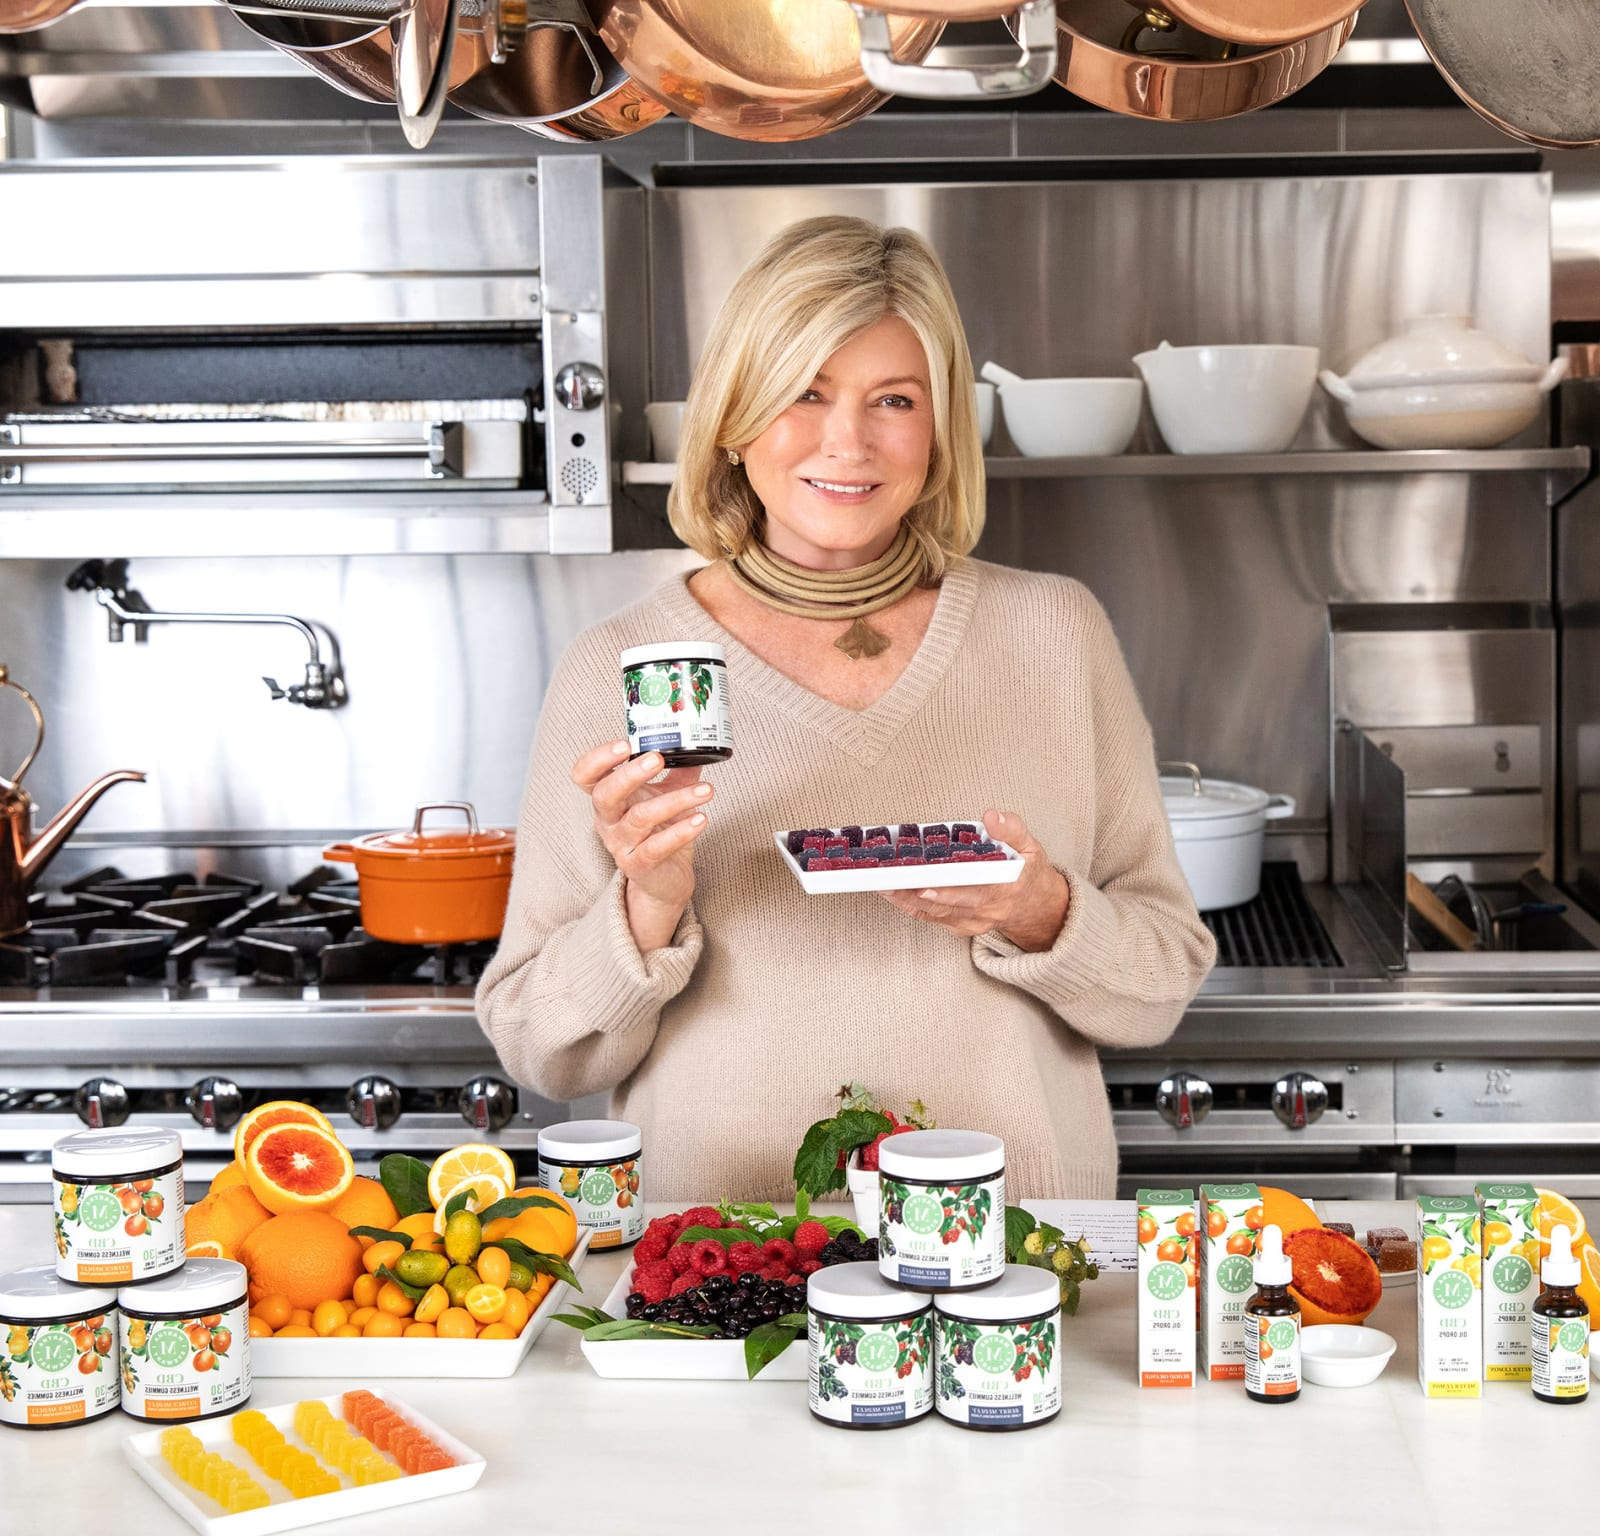 Martha Stewart in her kitchen holding a plate of CBD gummies